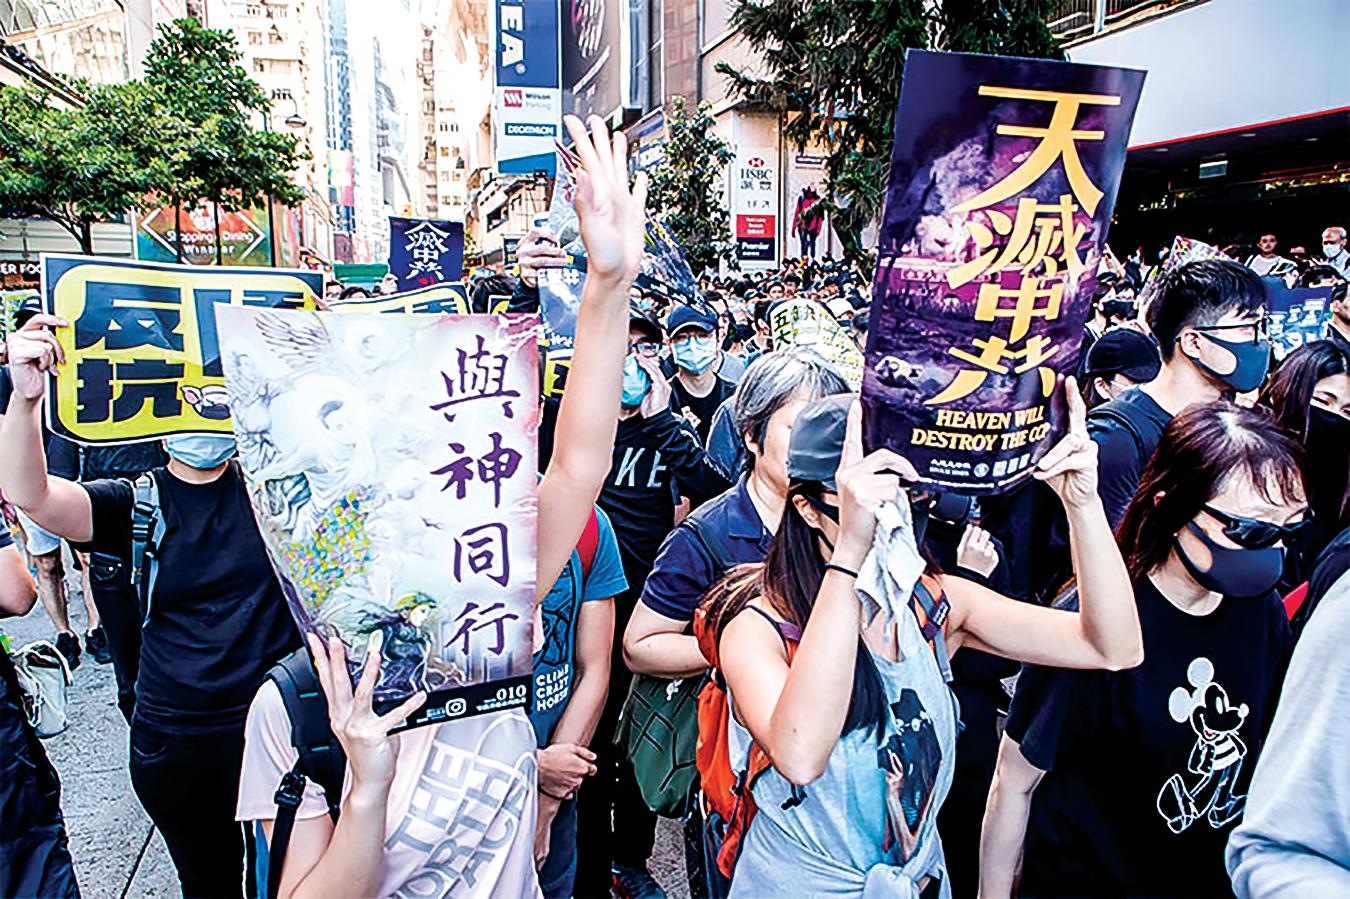 遊行隊伍中,大批市民手持「天滅中共」、「與神同行」的海報。(余鋼/大紀元)